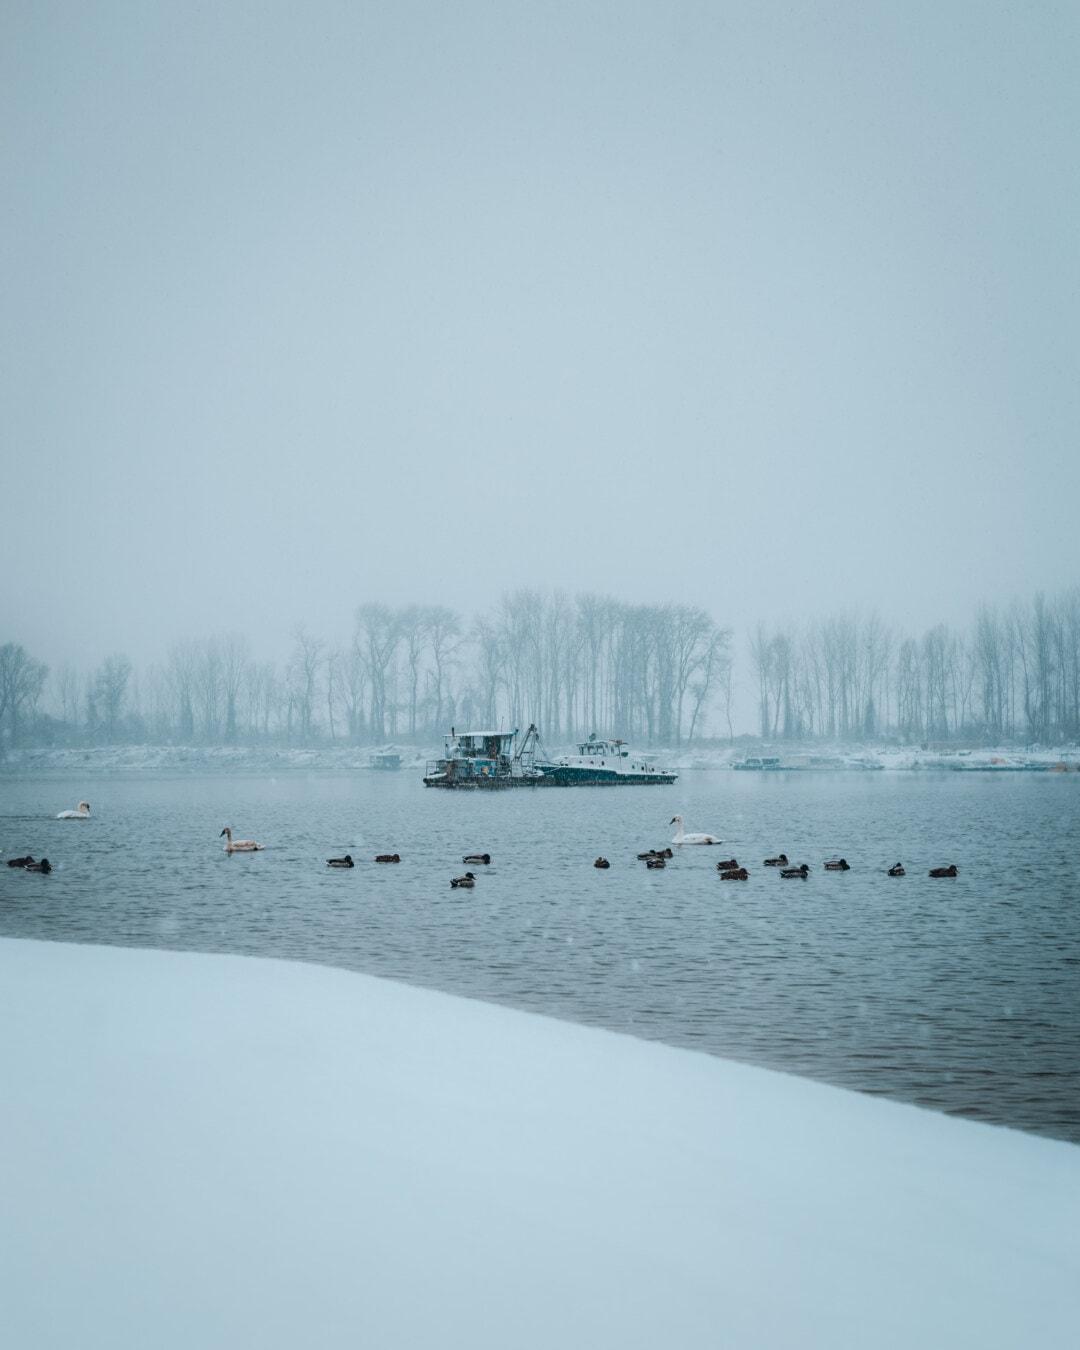 Enten, See, kaltes Wasser, Schwan, Herde, Winter, Angelboot/Fischerboot, schlechtes Wetter, neblig, Landschaft